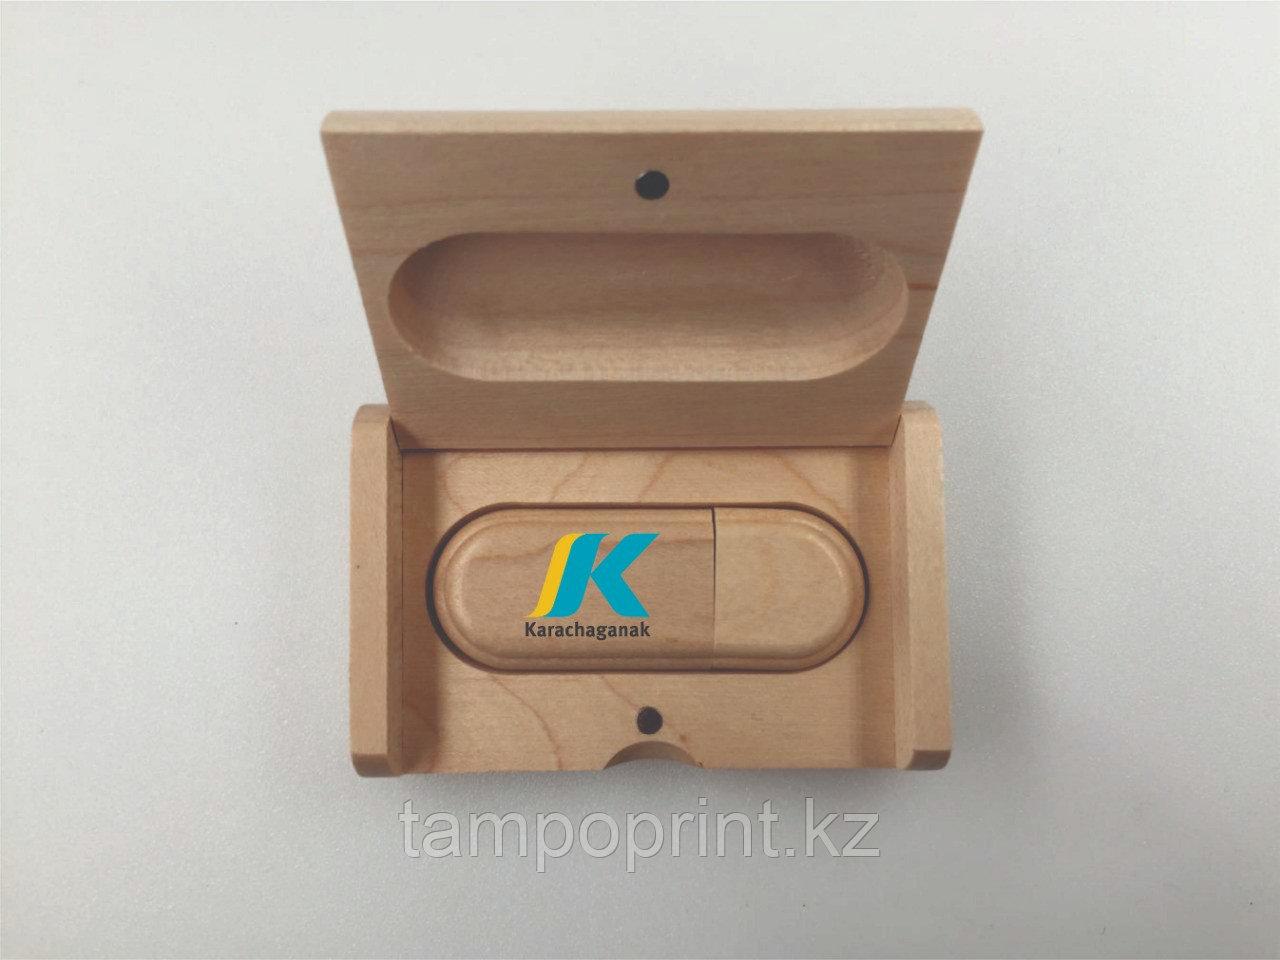 Флешка в деревянномкорпусе с футляром 16 гб